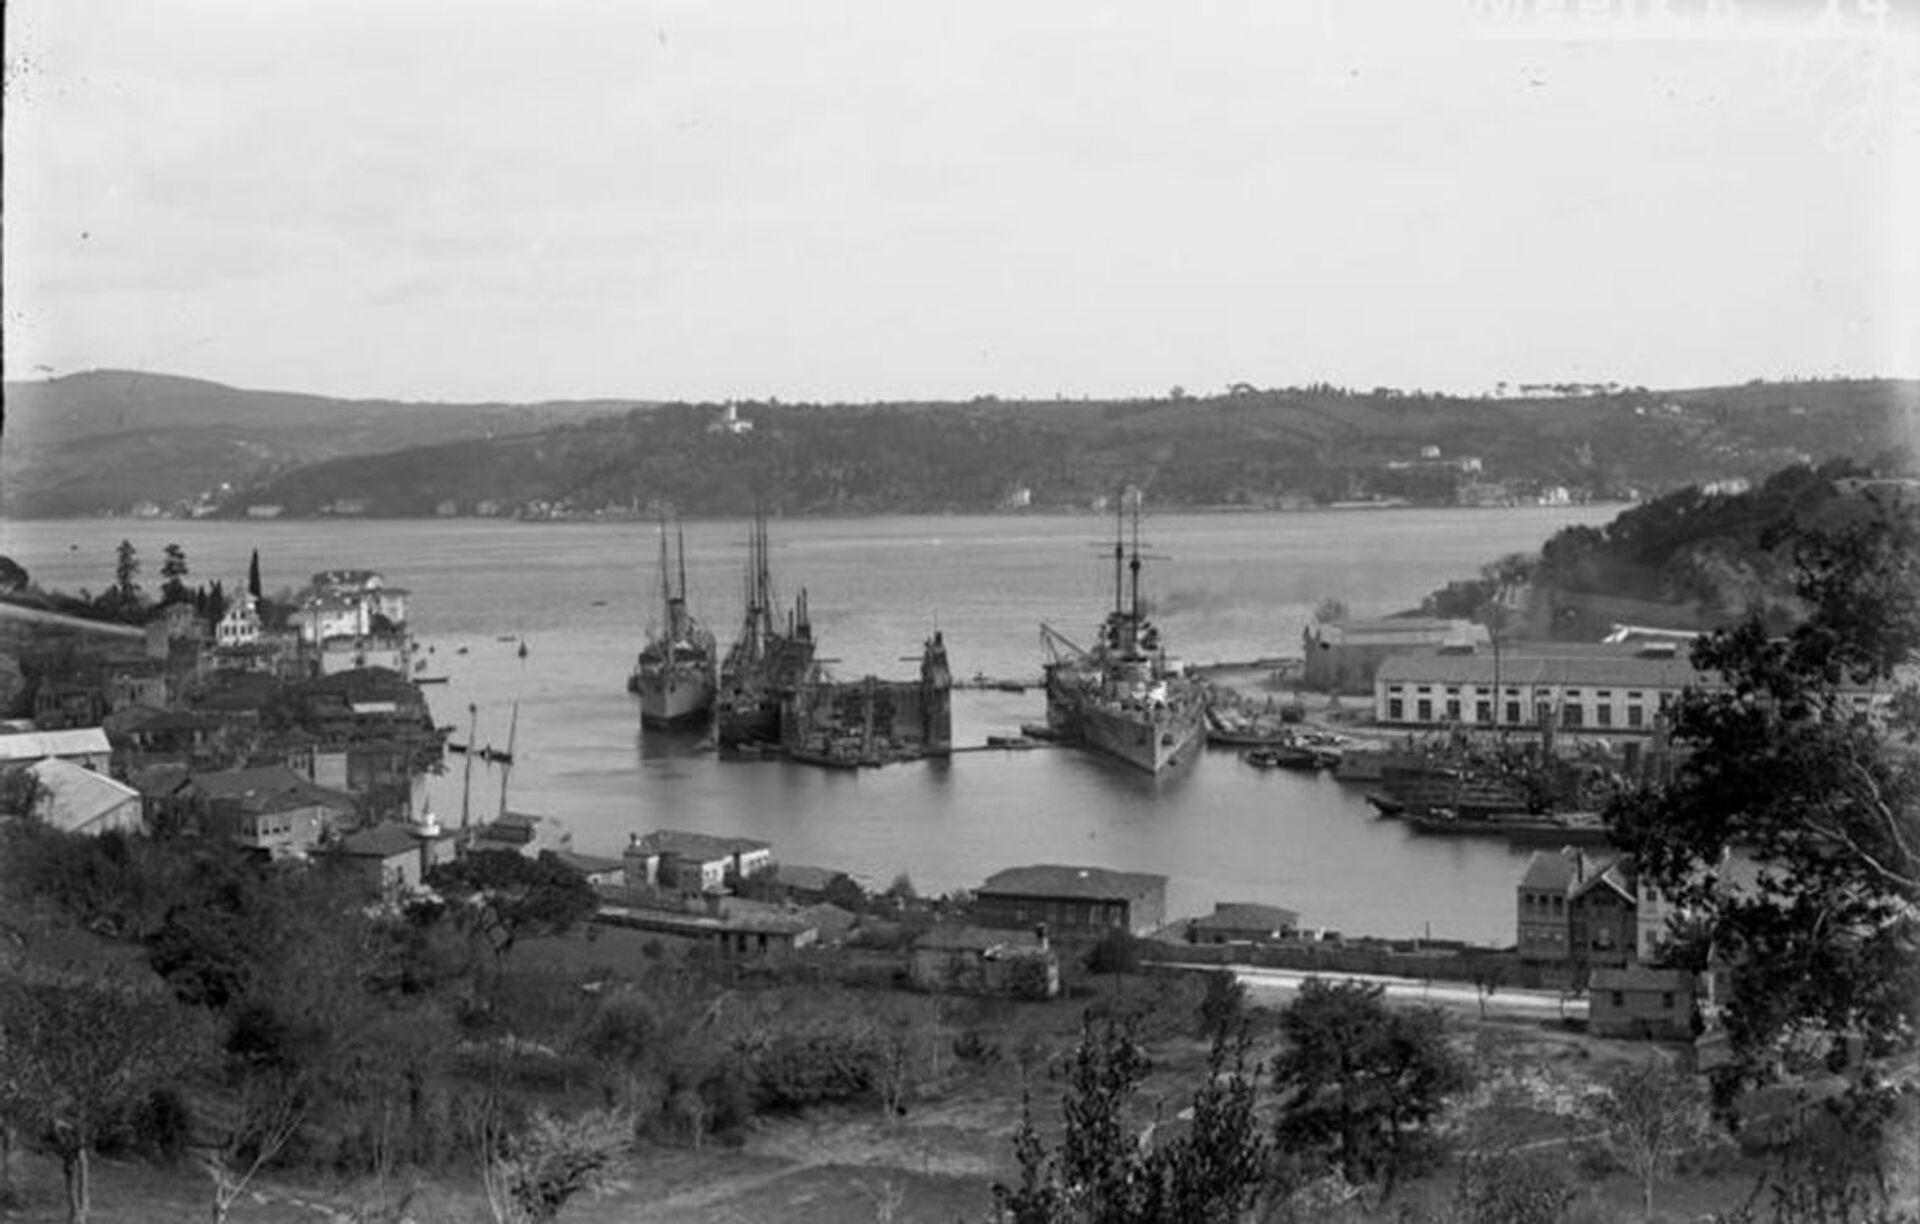 Линейный крейсер Гебен в порту пролива Босфор в период Первой мировой войны  - РИА Новости, 1920, 19.10.2020